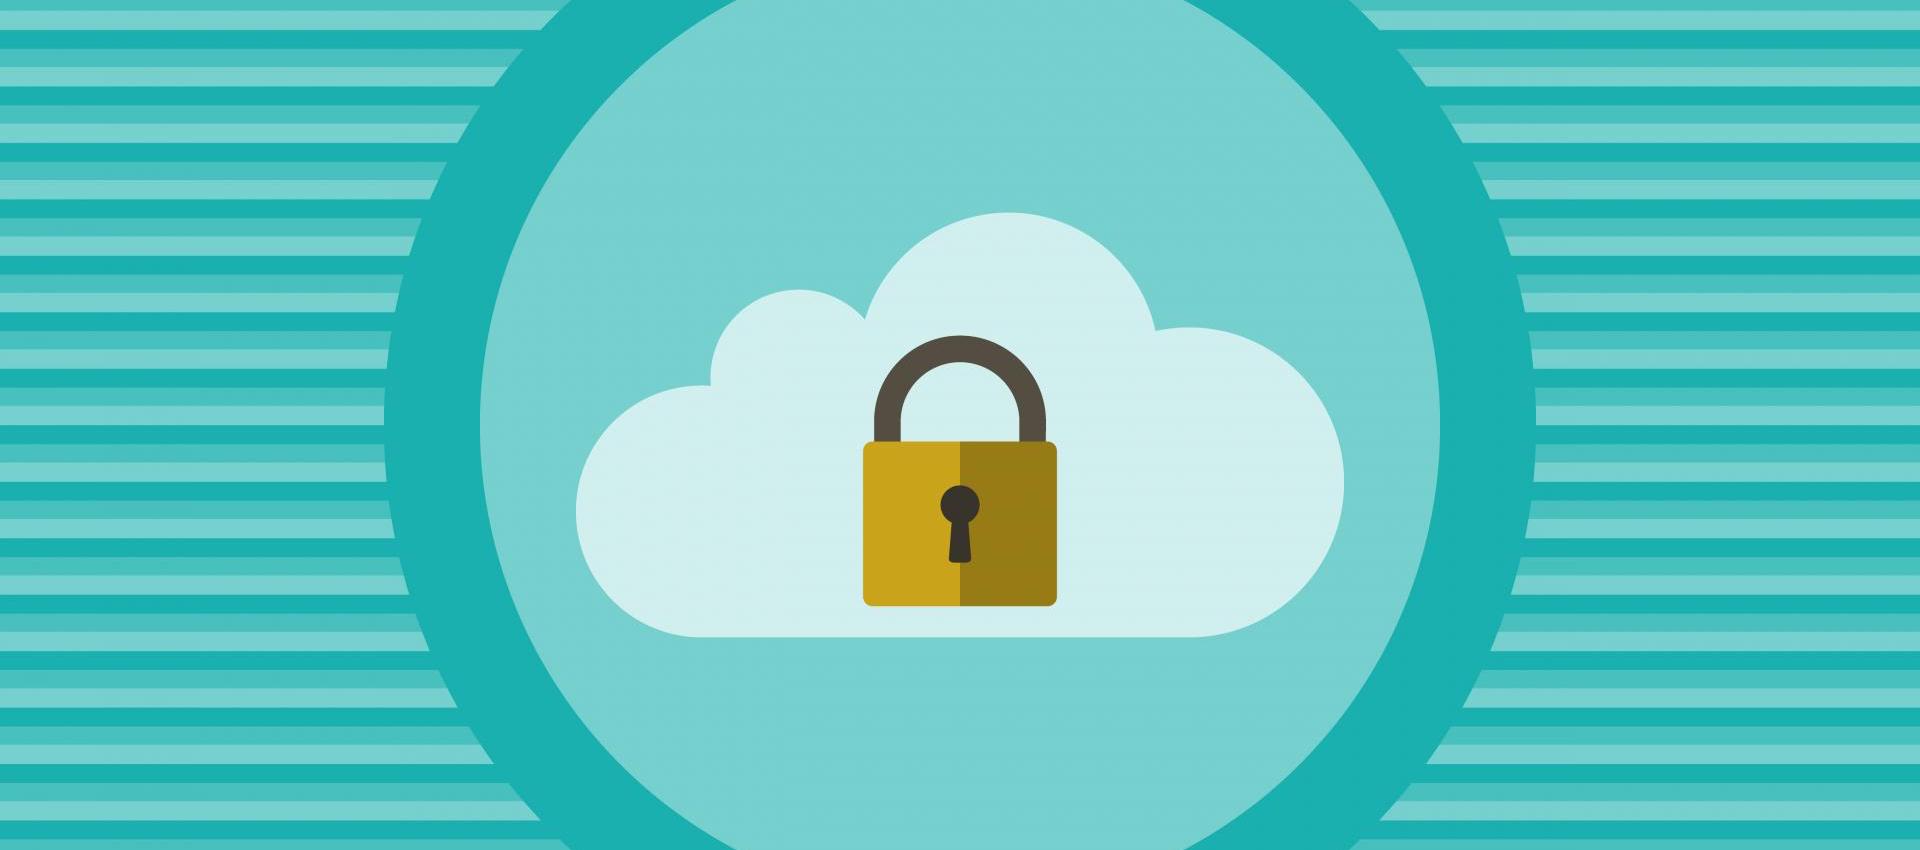 Sicurezza dei dati online: perché è importante e come fare